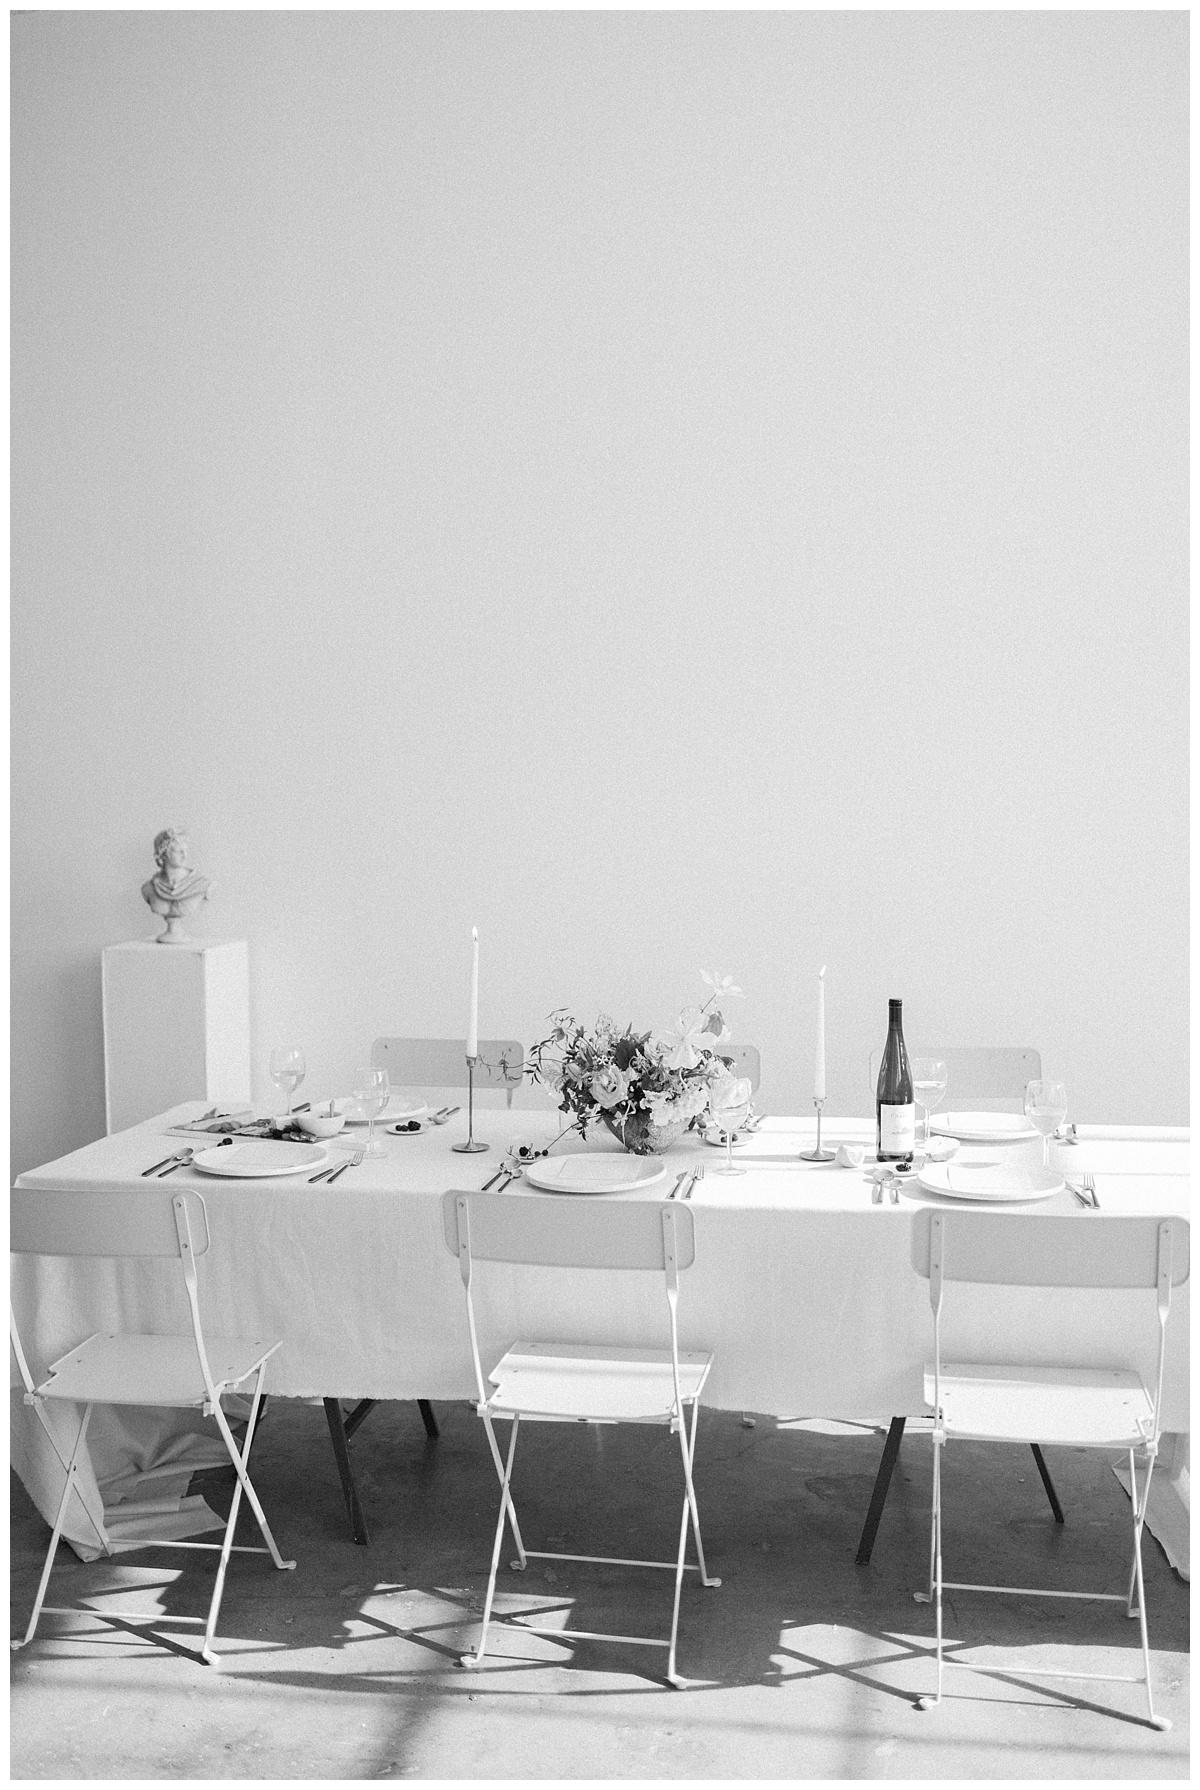 Hong Kong Fine Art Wedding Prewedding Photographer Mattie C. 00018 3.12.36 PM.jpg